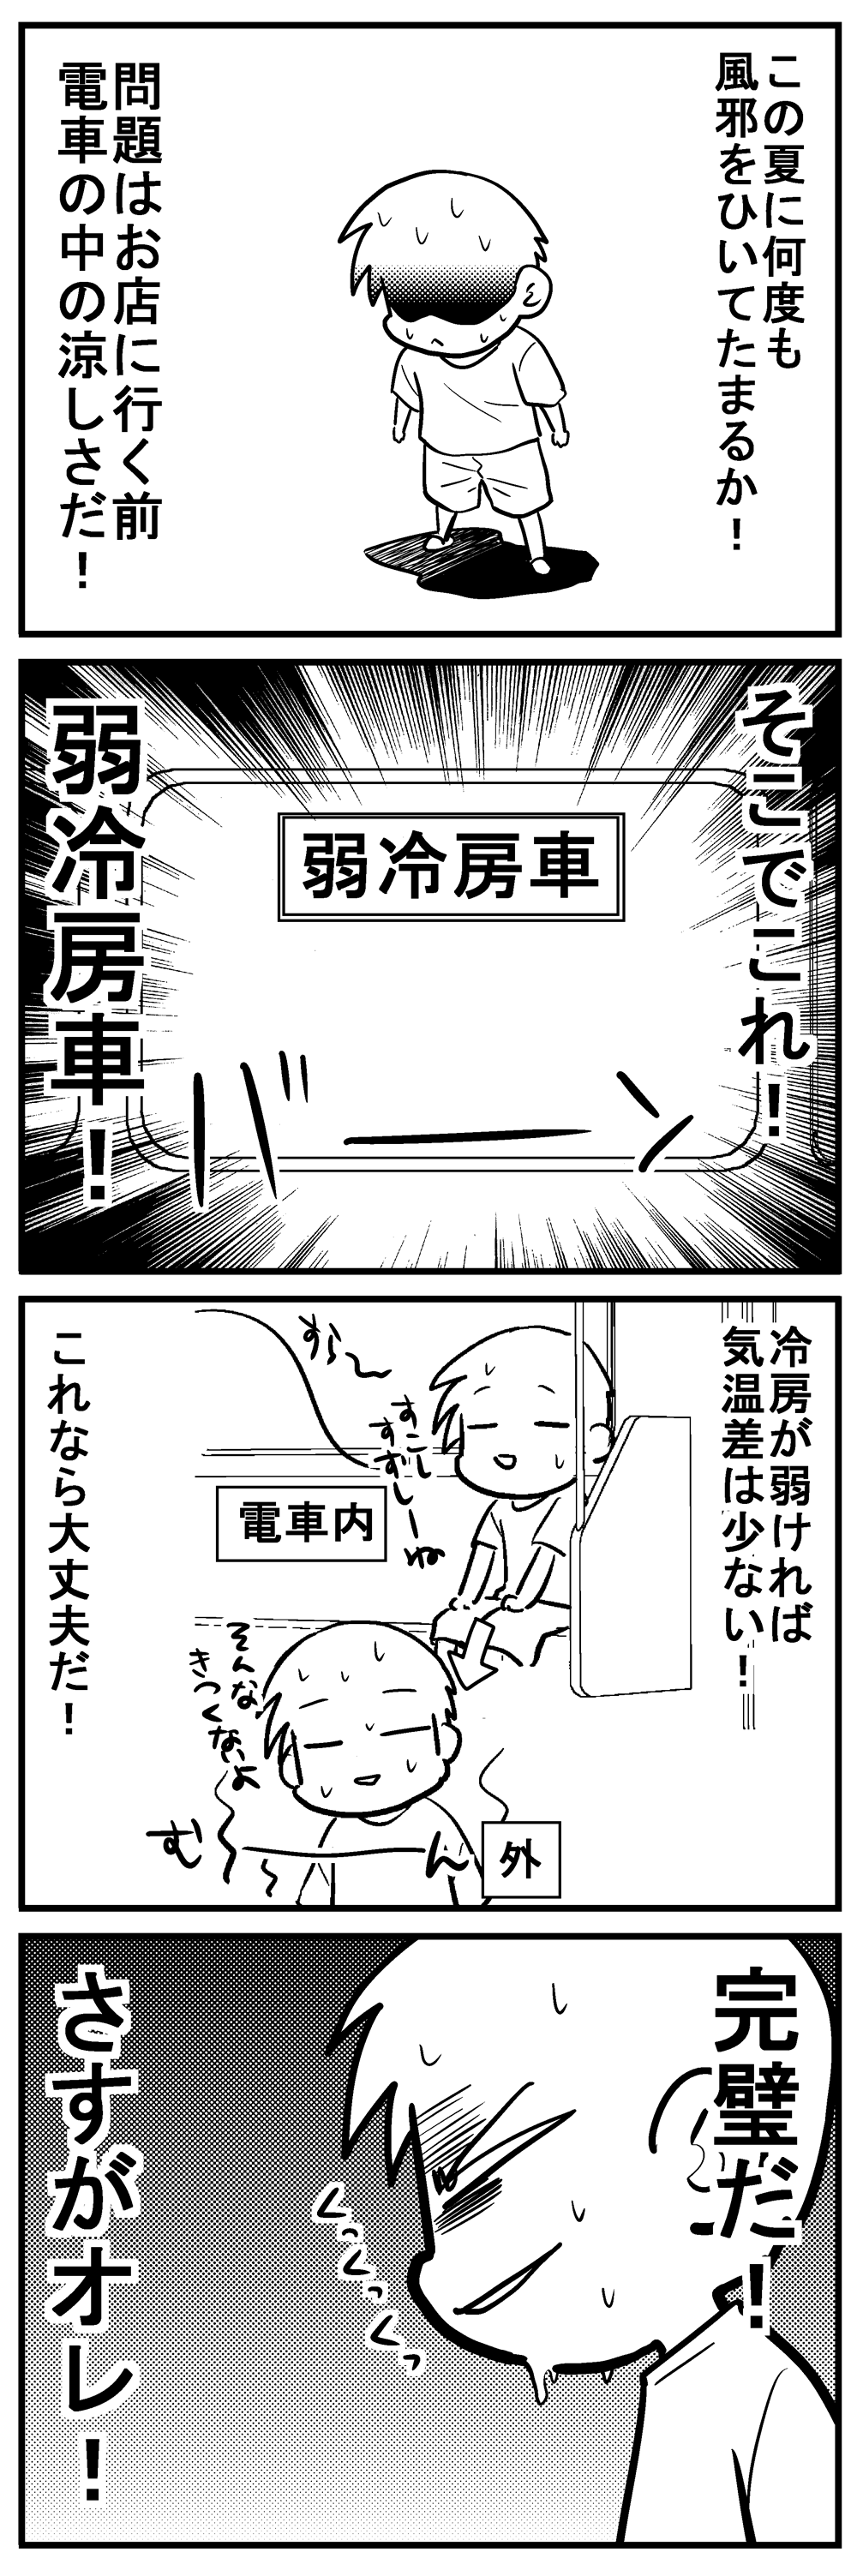 深読みくん68-2